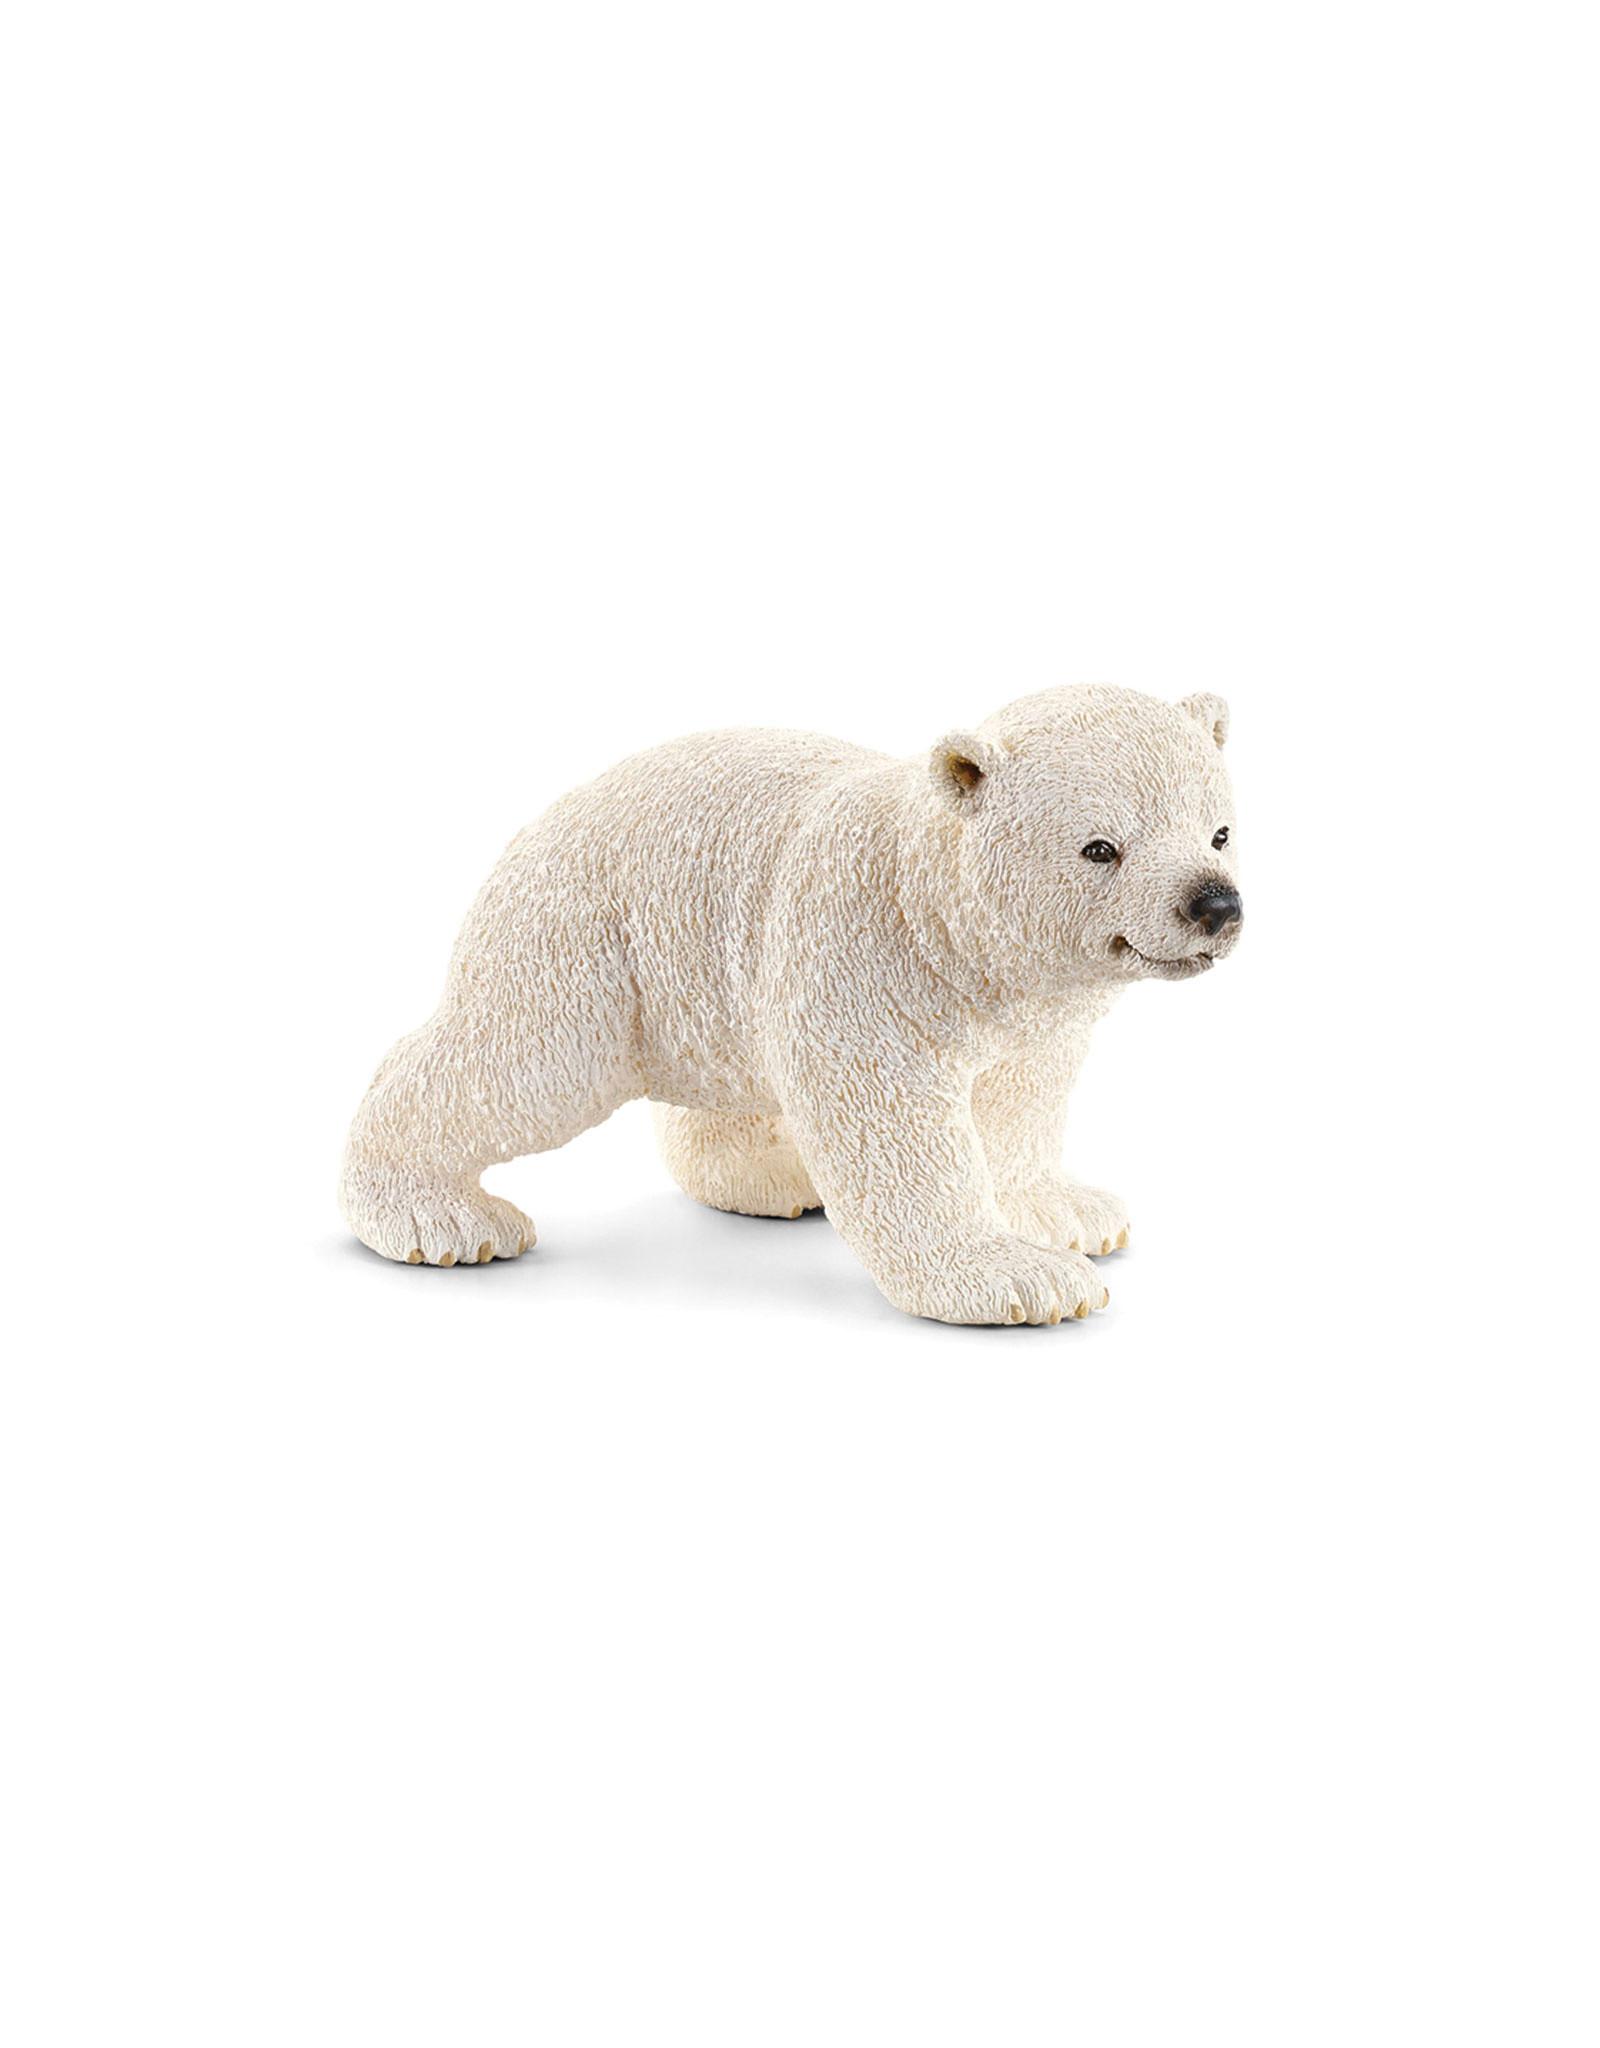 Schleich Animal - Polar Bear Cub Walking